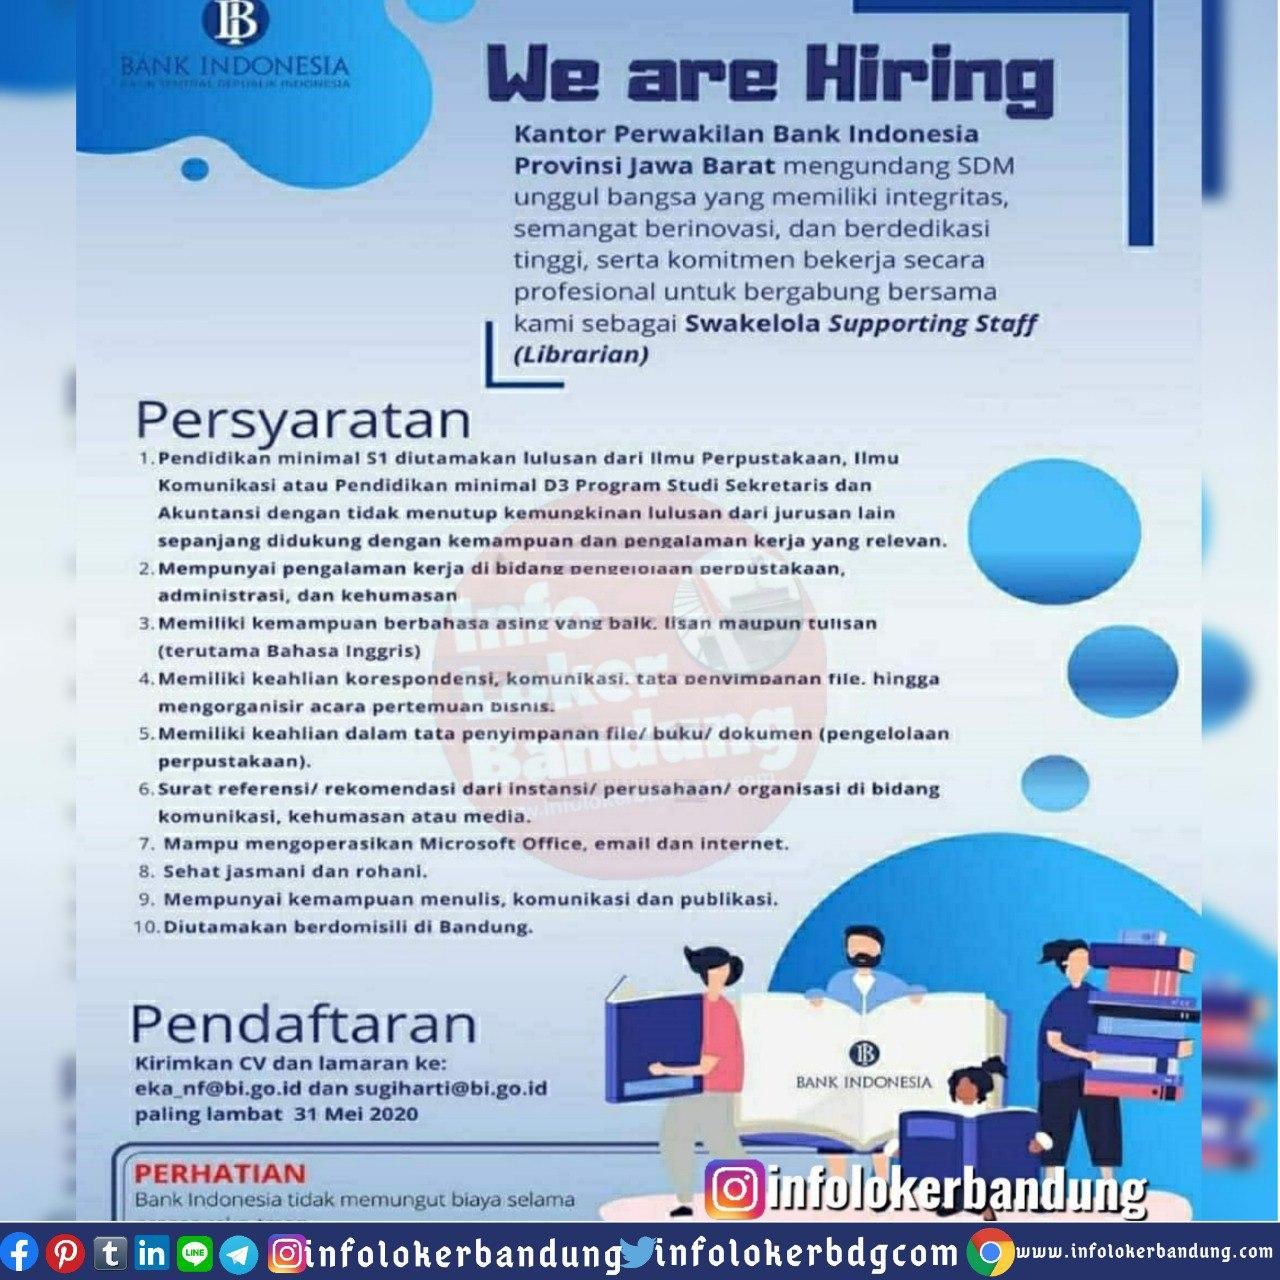 Lowongan Kerja Swakelola Supporting Staff ( Librarian ) Bank Indoensia Provinsi Jawa Barat Mei 2020